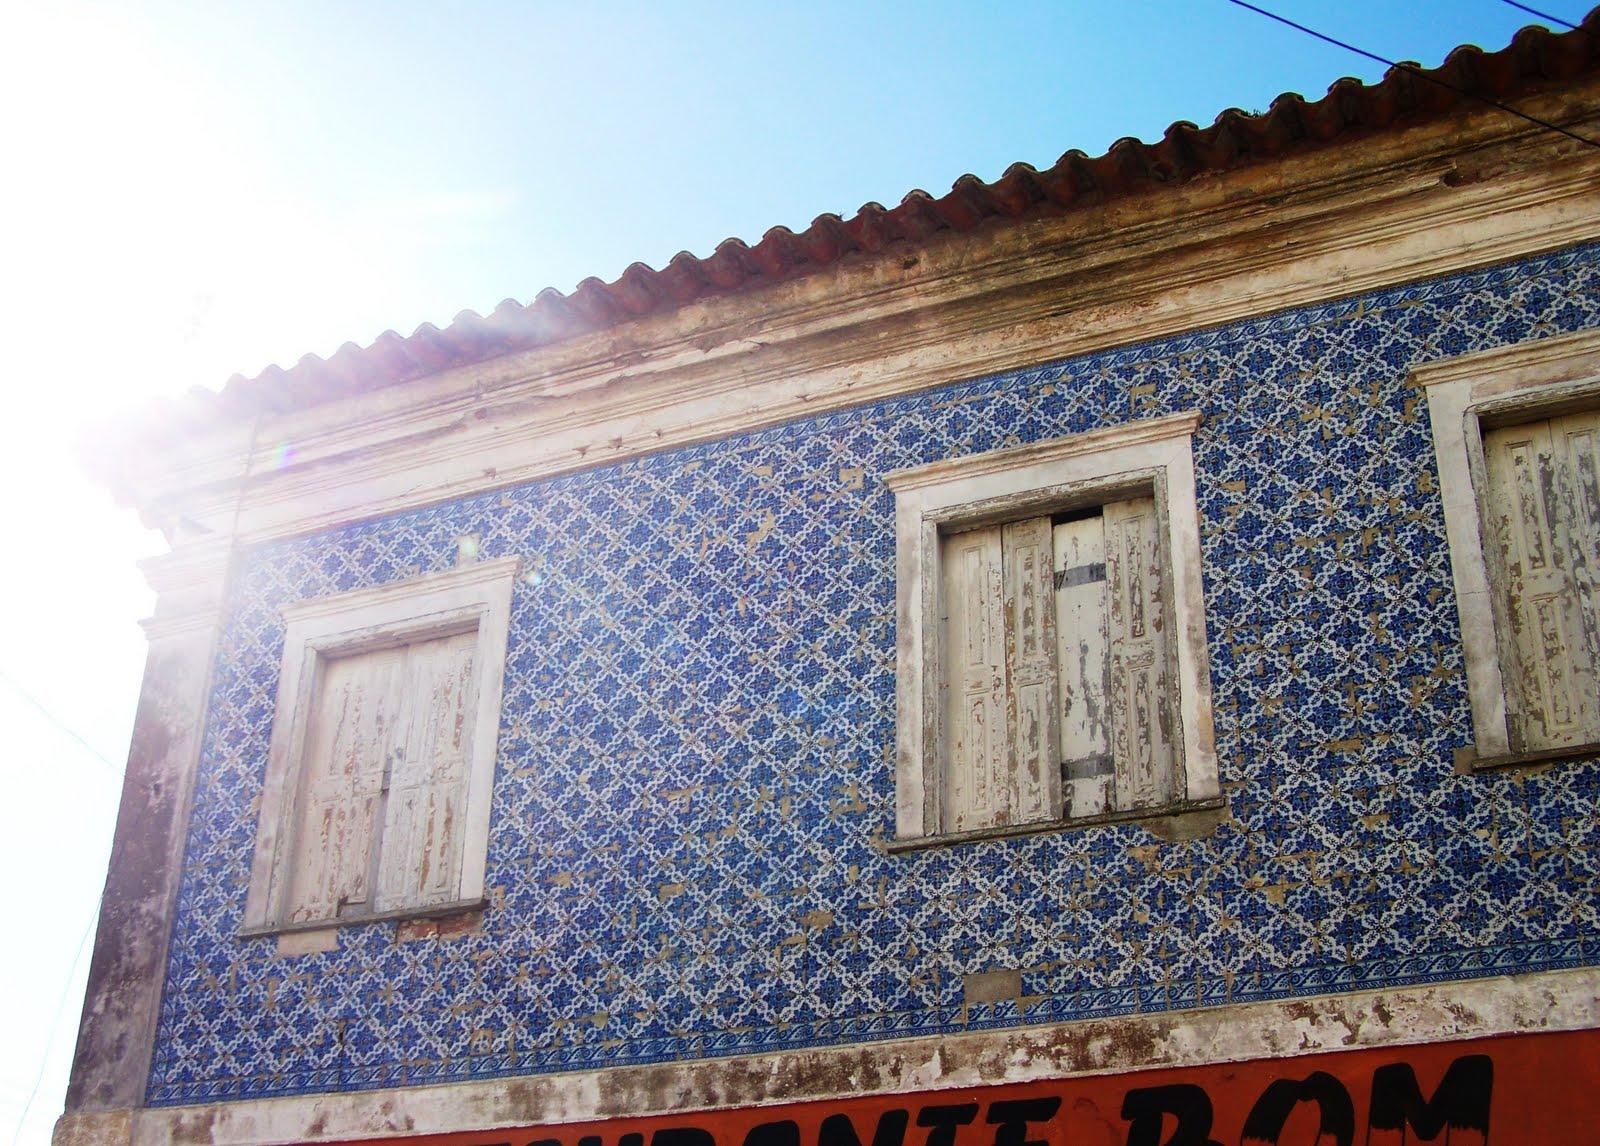 Caf rio grande revestimento com azulejos no sobrado da for Azulejos conde